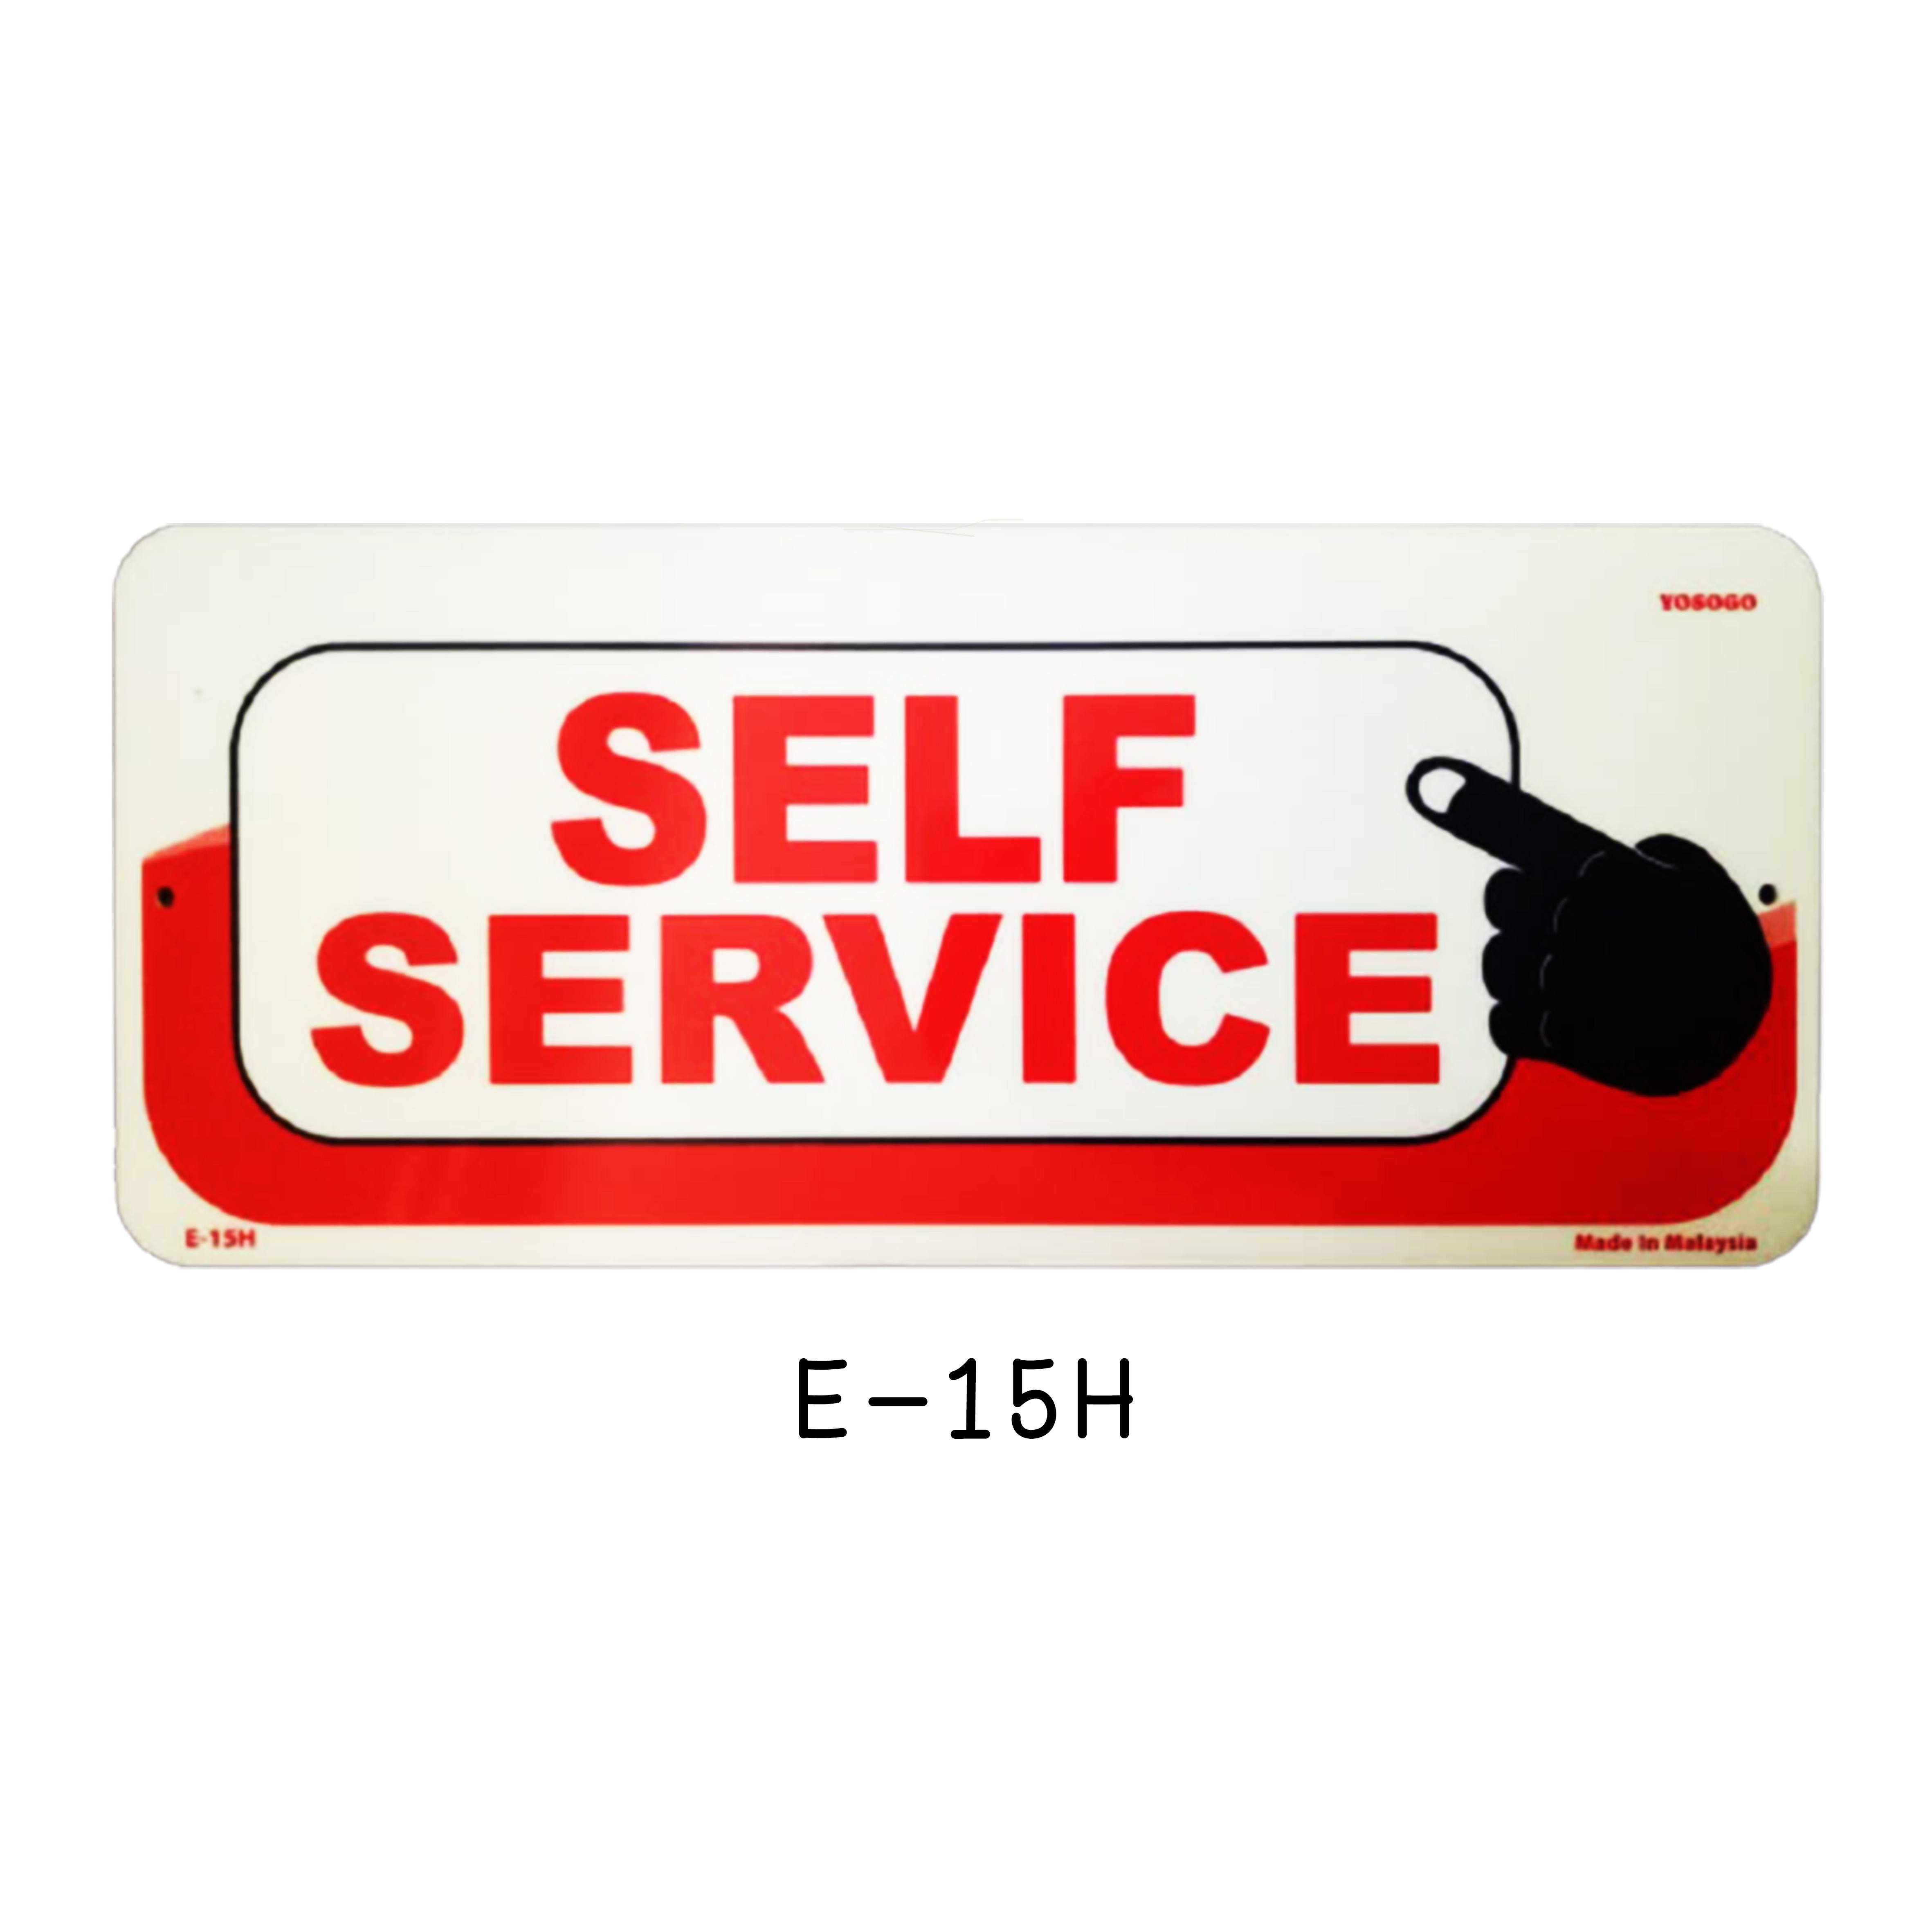 Sign Board E-15H (SELF SERVICE)